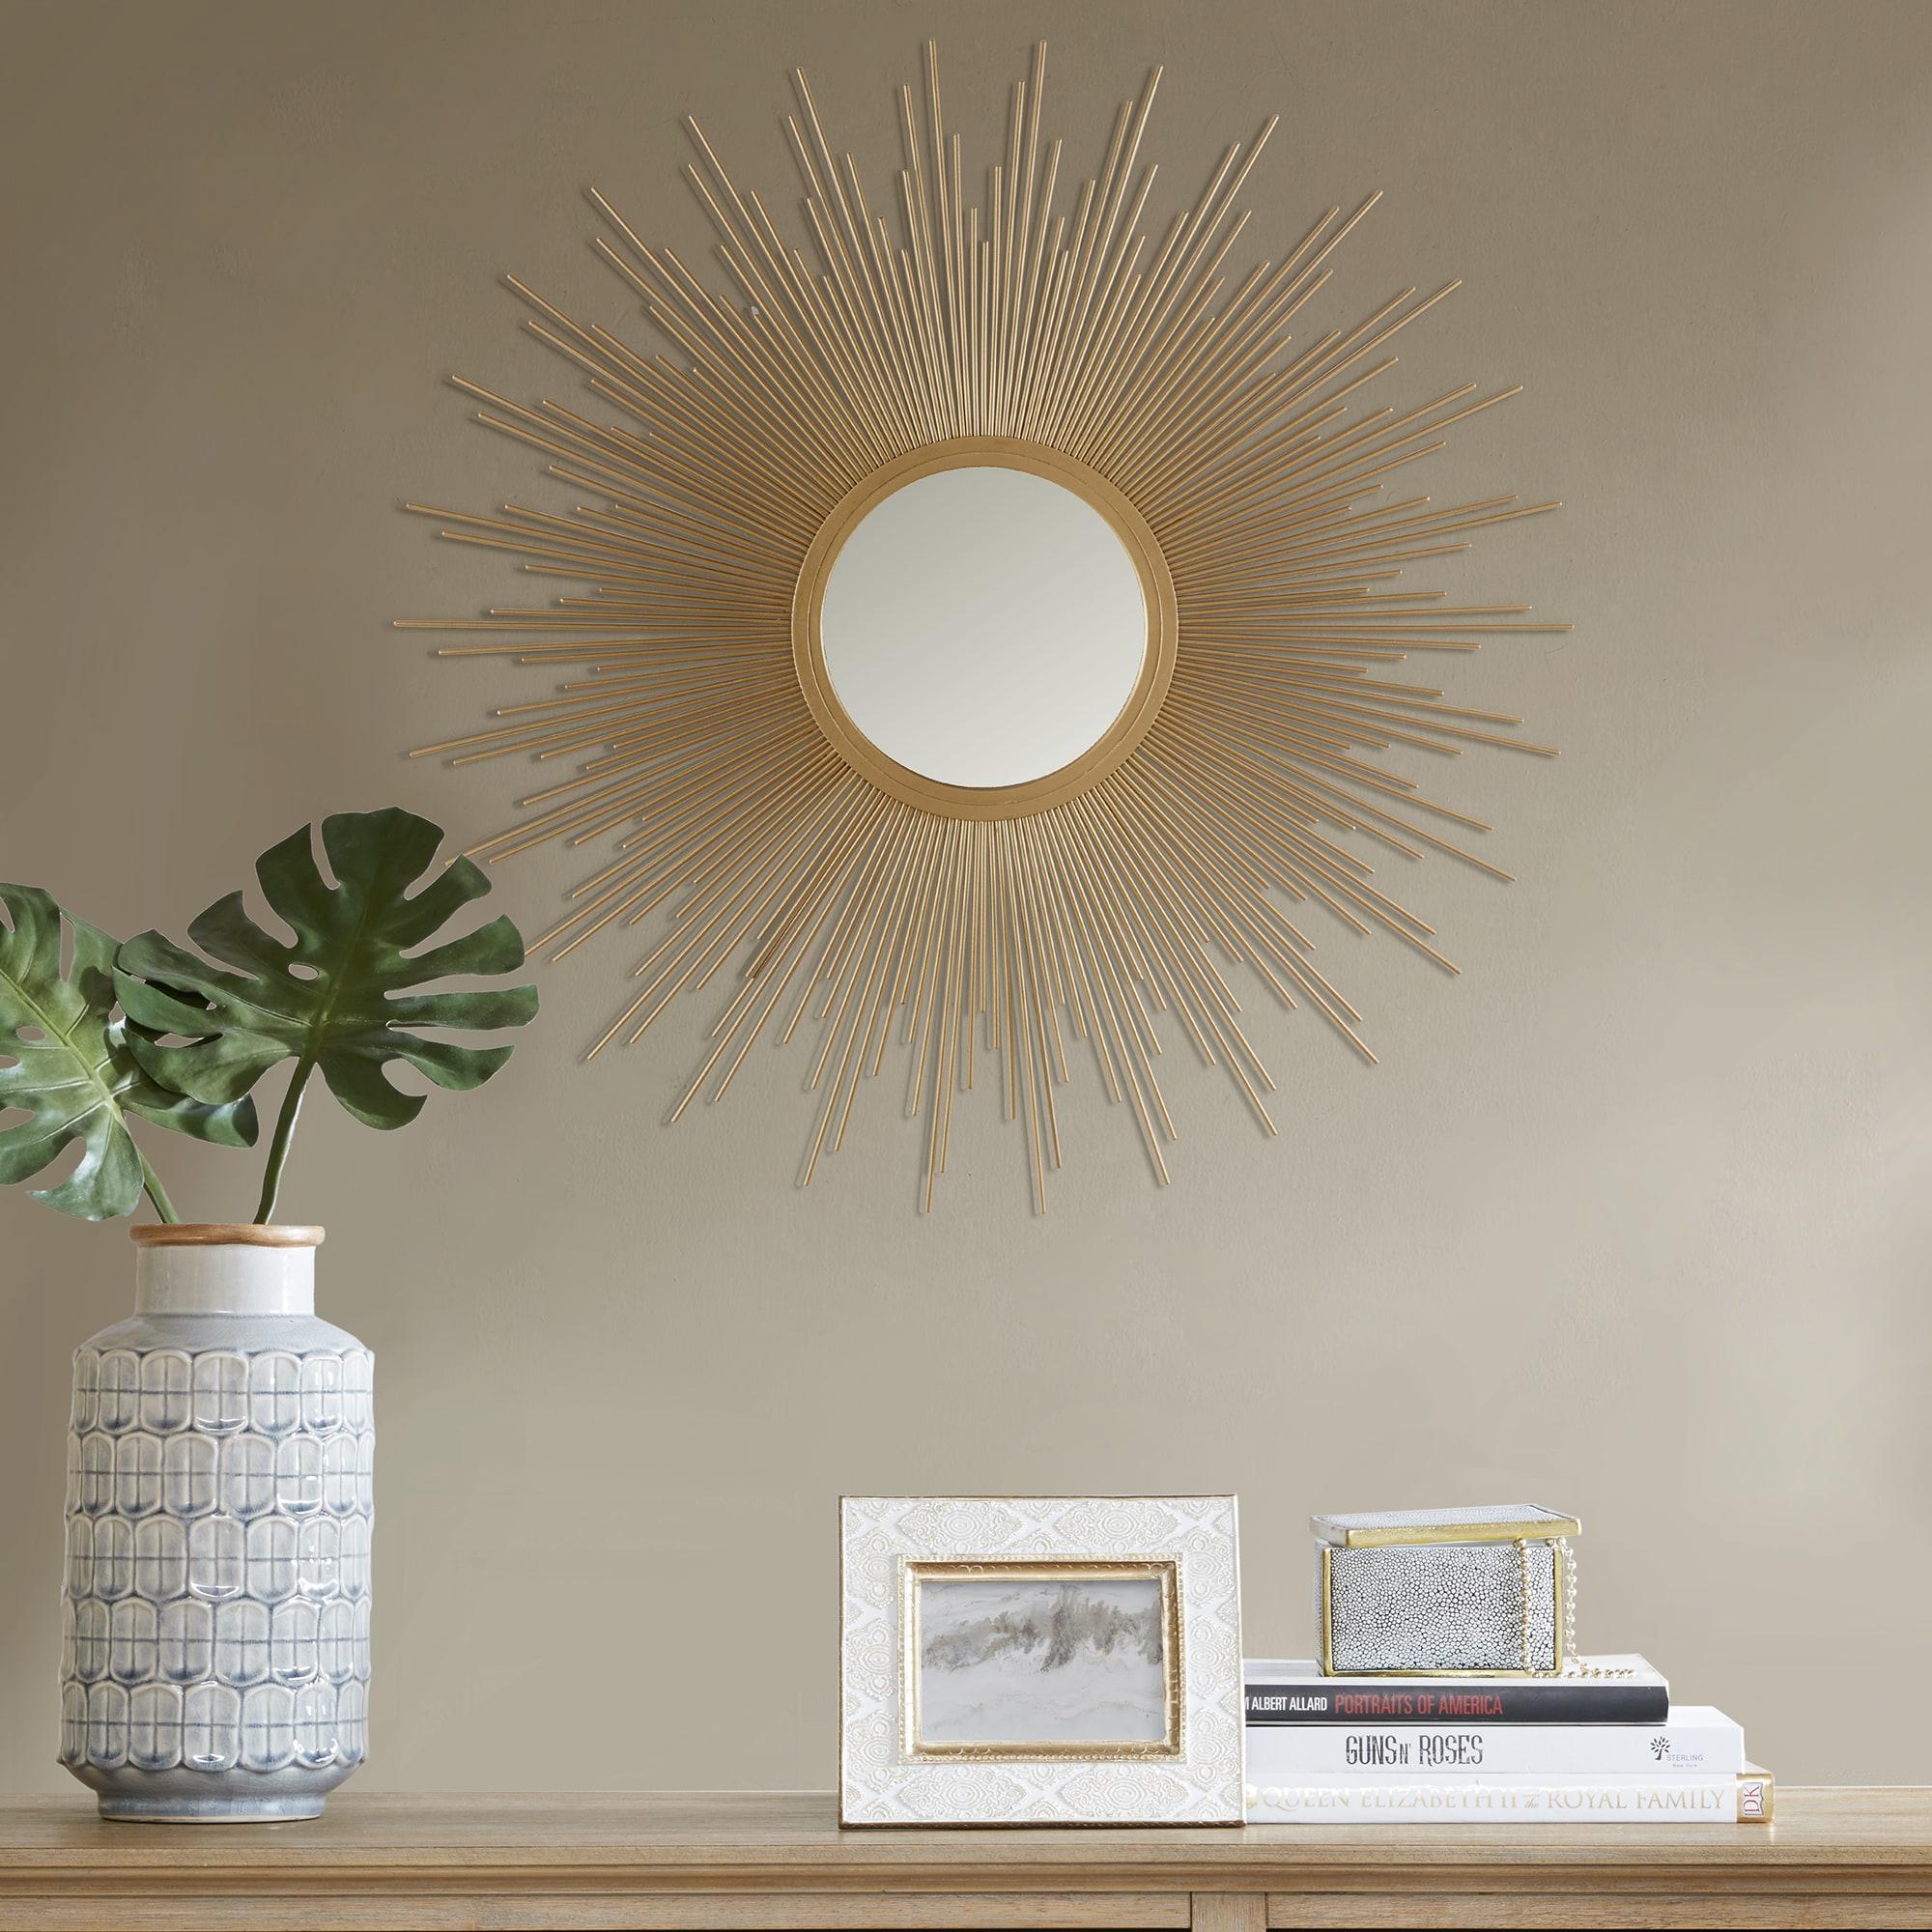 Fiore 98.Shop Madison Park Fiore Gold Sunburst Mirror Large Dia 29 5 X